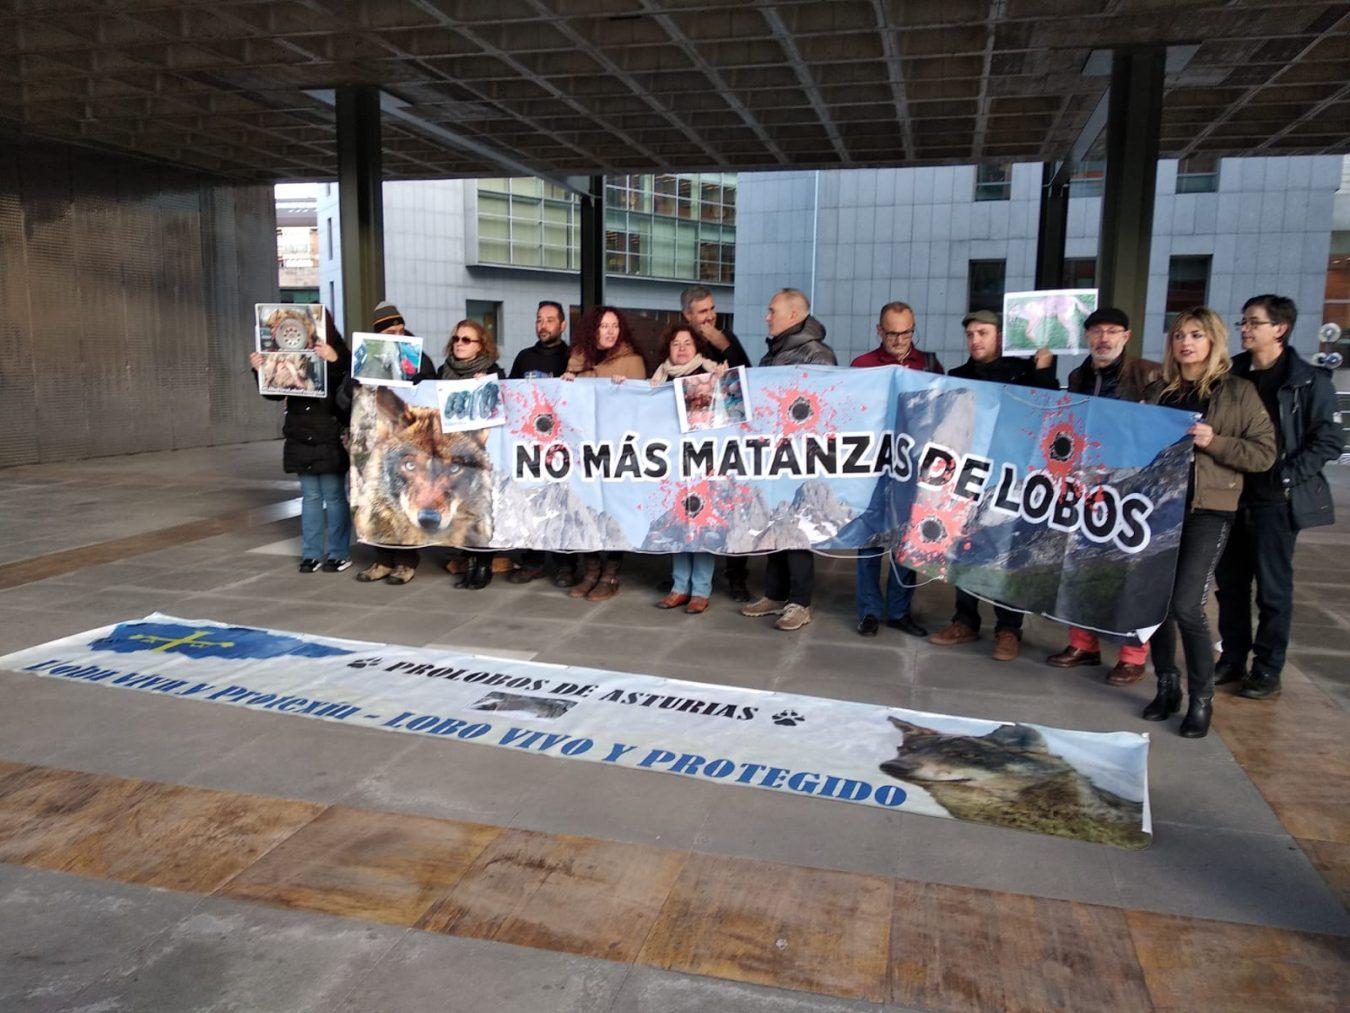 Ecologistas en Acción denuncia la persecución del lobo en los Picos de Europa y pide su defensa